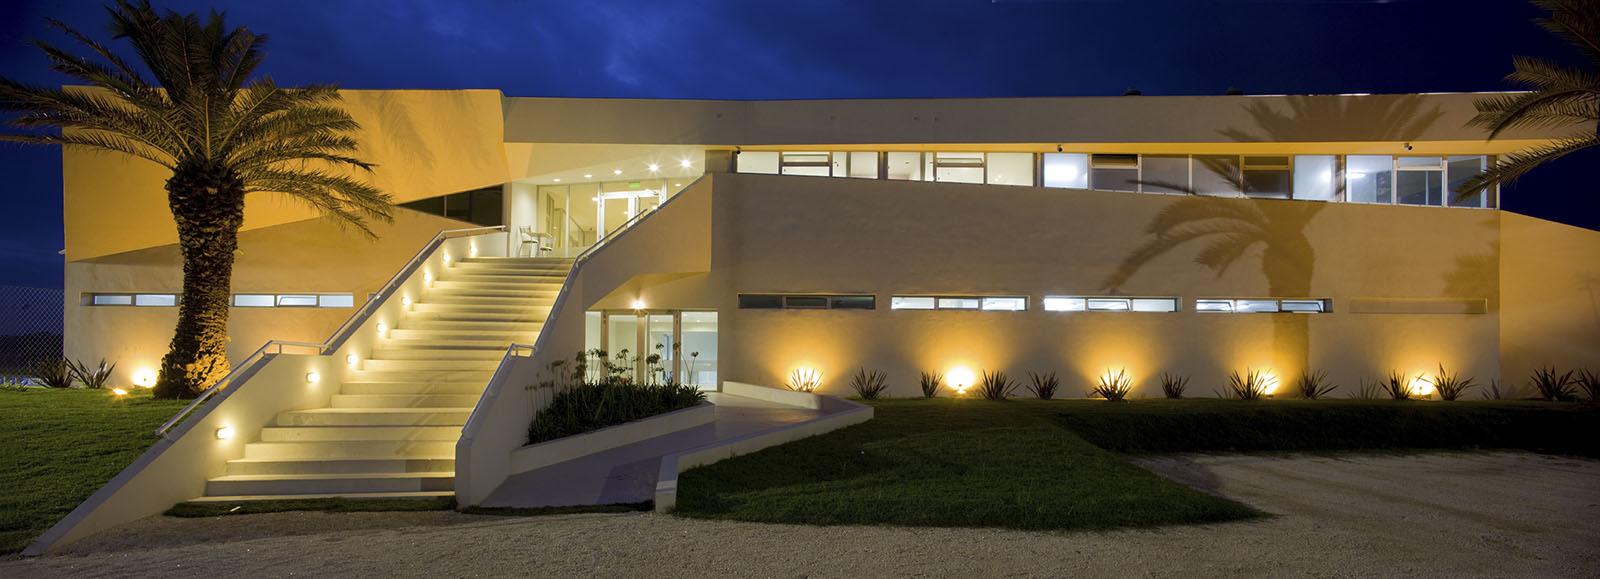 Escaleras modernas, arquitectura plegada, iluminación en arquitectura, complejo deportivo